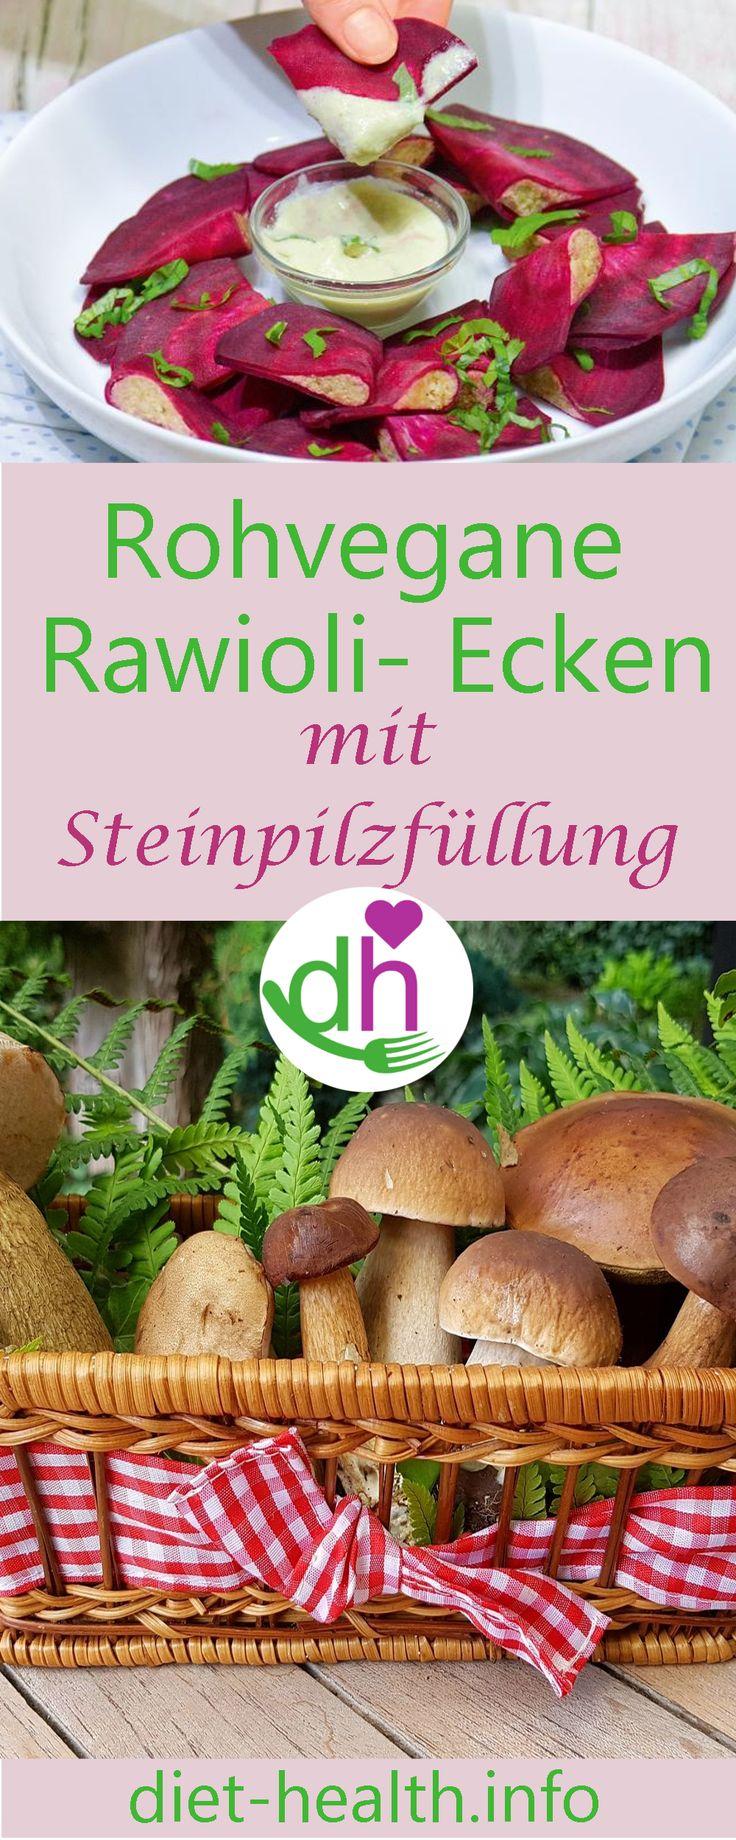 """diet & health info: rohvegane """"Rawiolis"""" aus haudünnem Rote-Bete-Mantel, gefüllt mit Steinpilzcreme! #vegan #plantbased #rawvegan #rohvegan"""